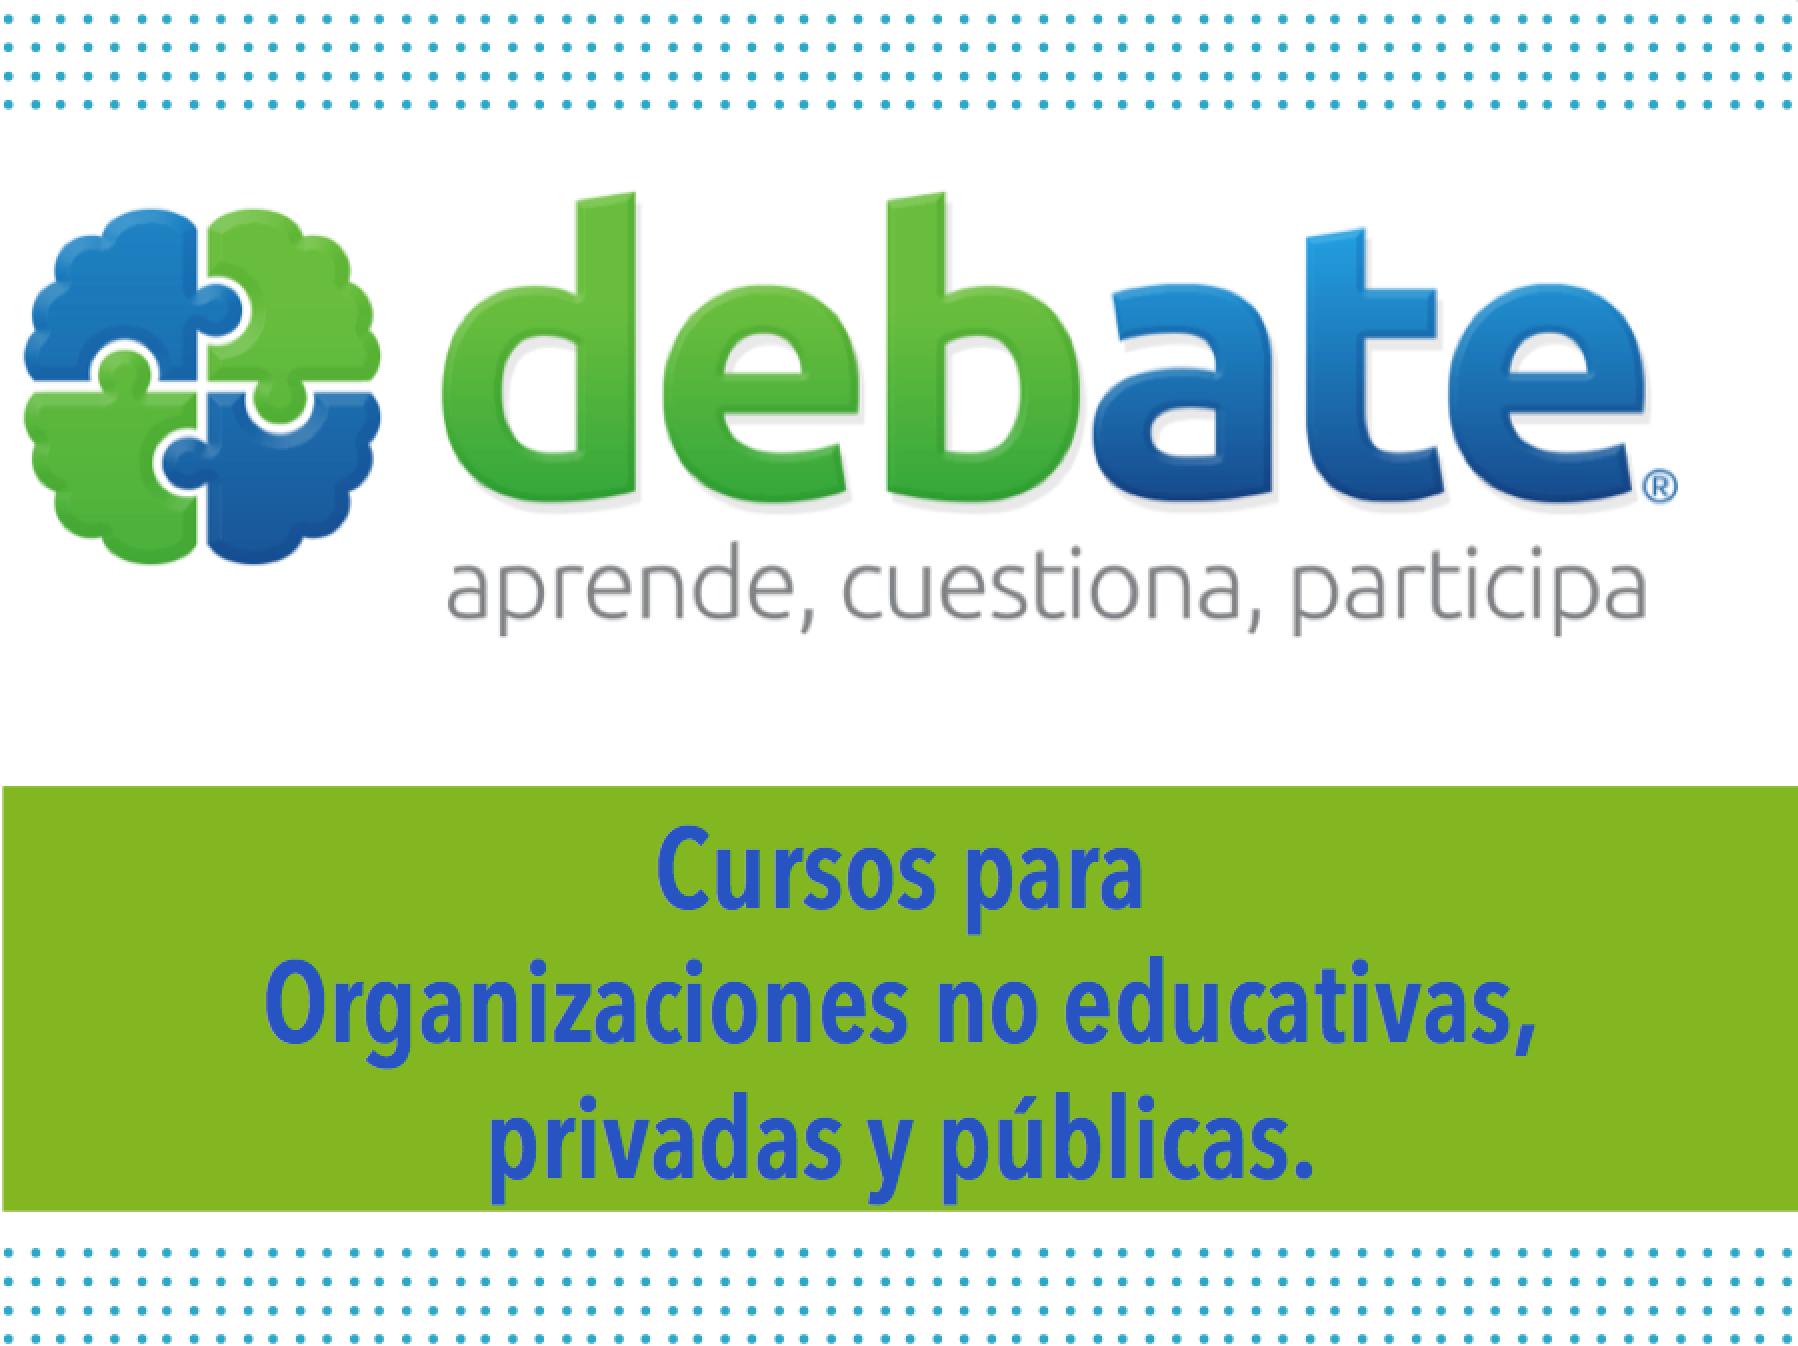 Para organizaciones no educativas